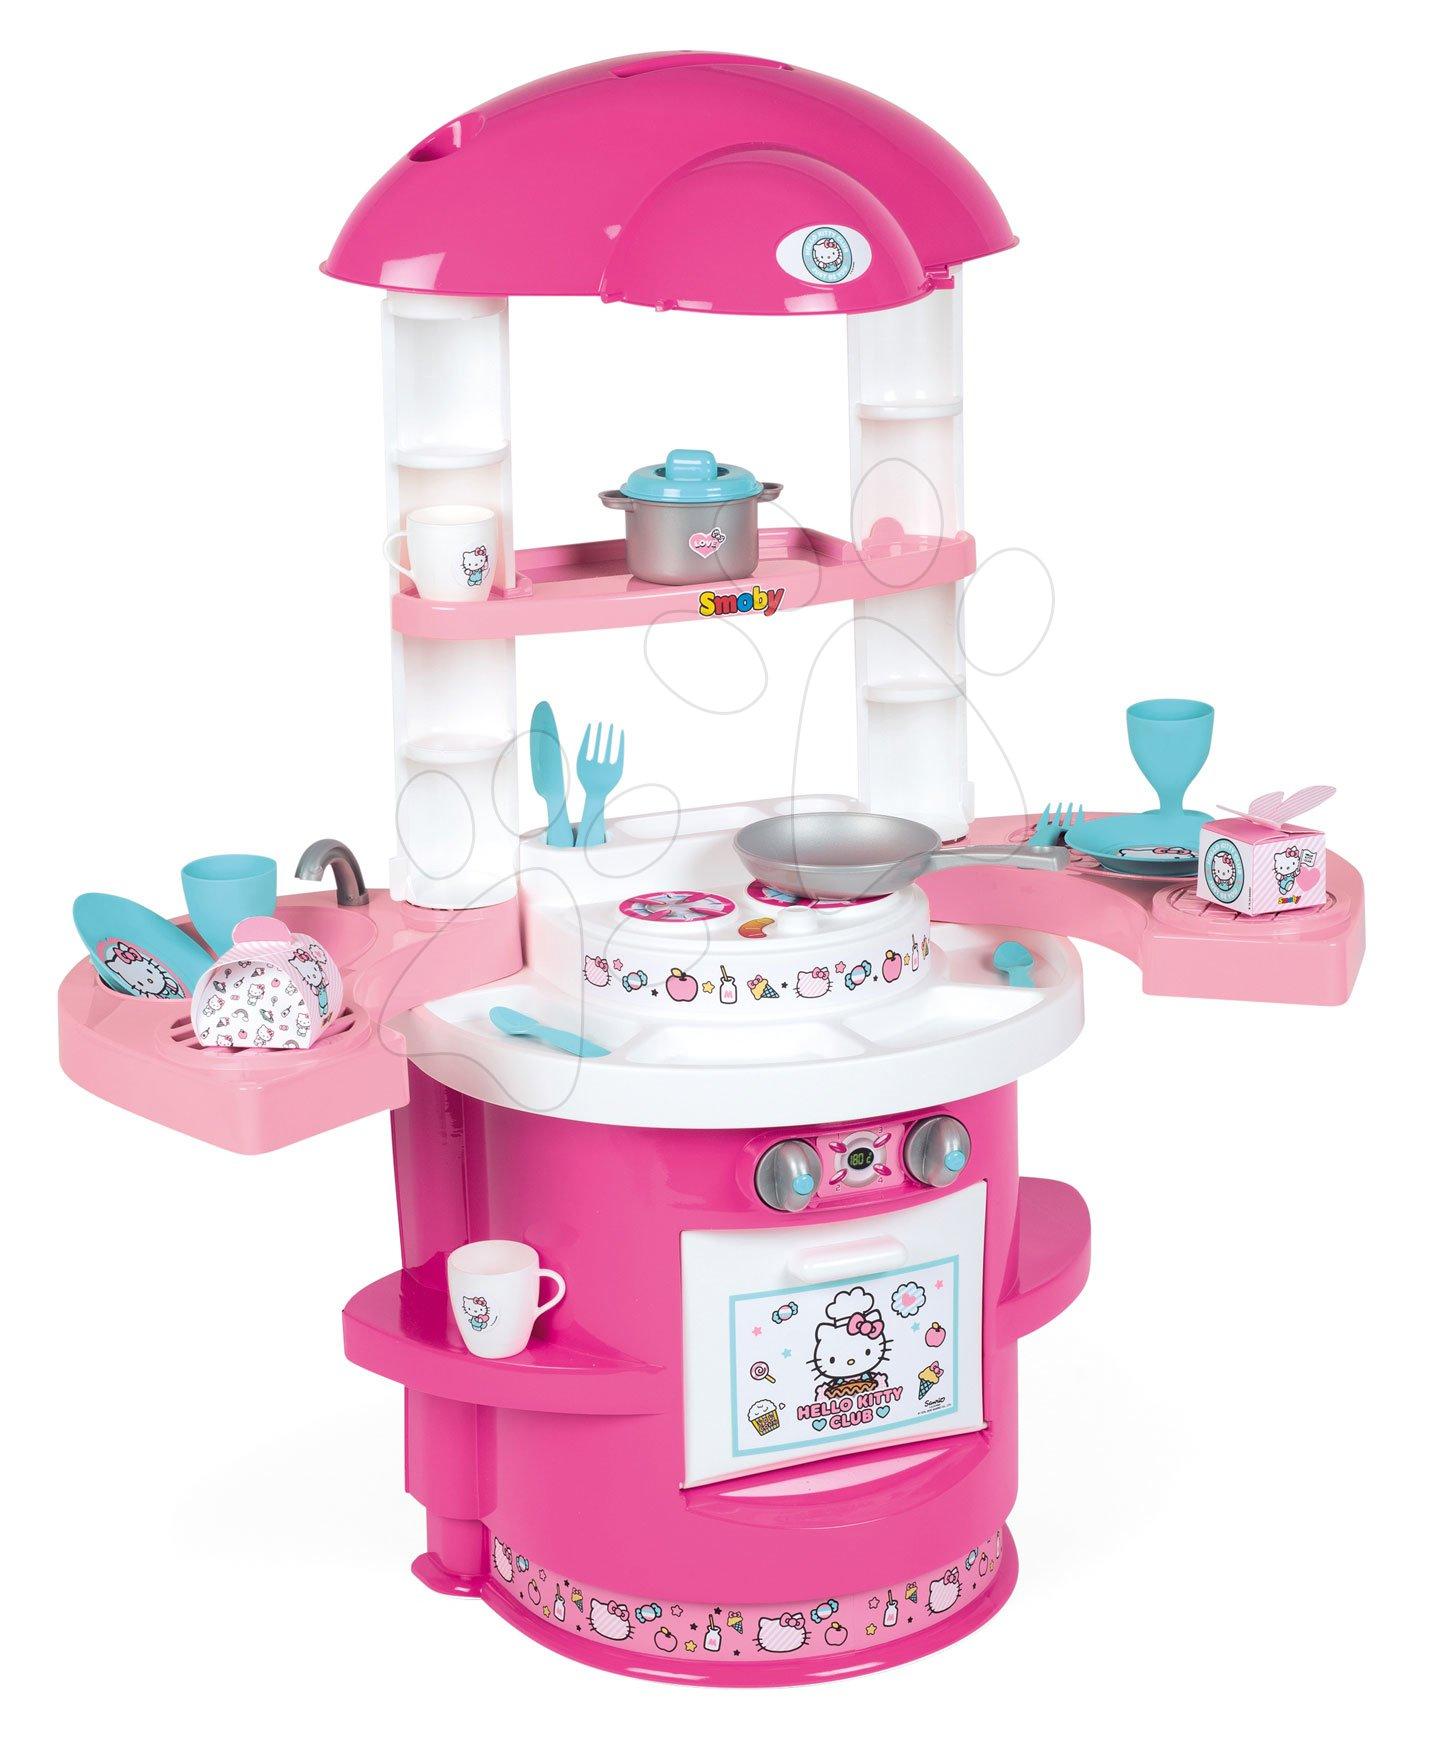 Kuchyňka pro nejmenší Hello Kitty Cooky Smoby s 17 doplňky od 18 měsíců